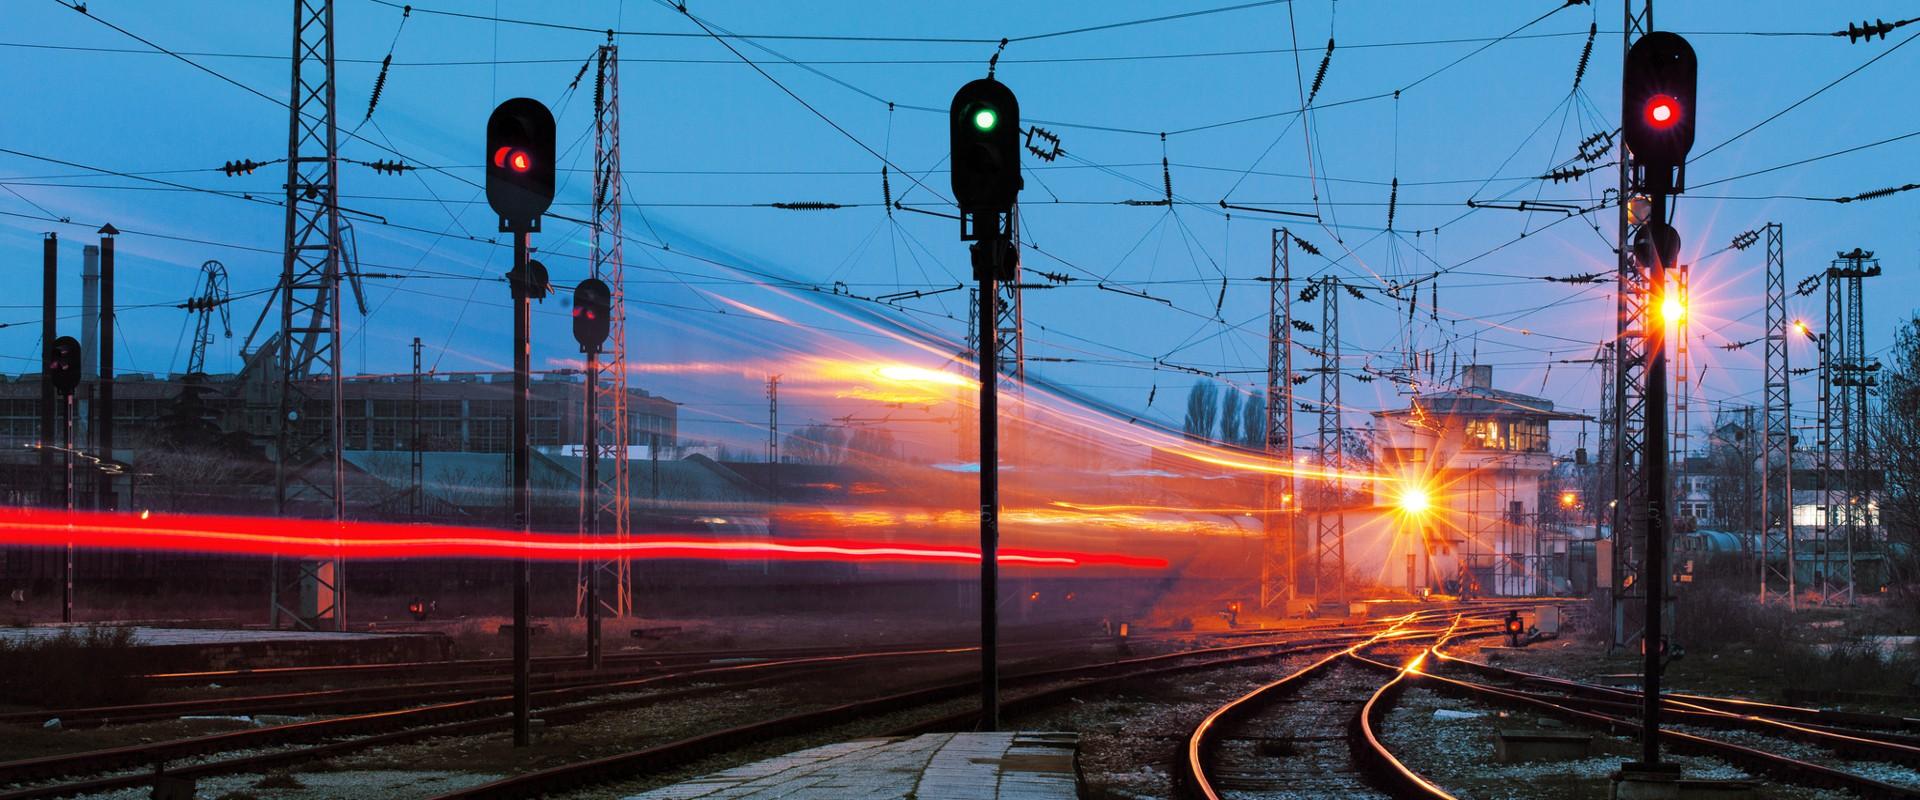 Железнодорожные пути Ладожского вокзала